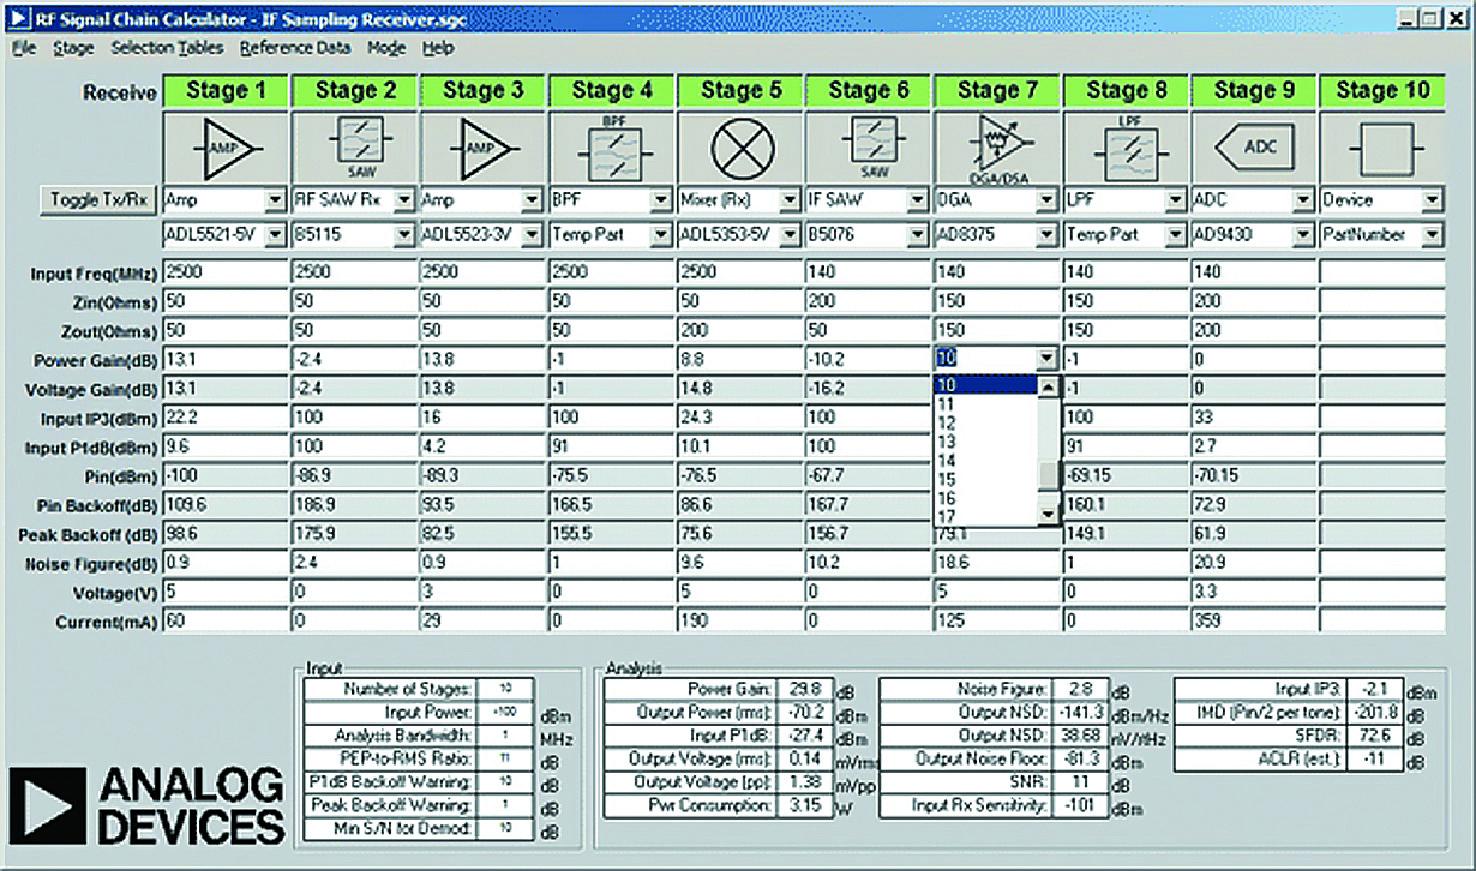 Фрагмент экрана с планом распределения сигнальных уровней для приемника диапазона 2,5 ГГц с дискретизацией на ПЧ